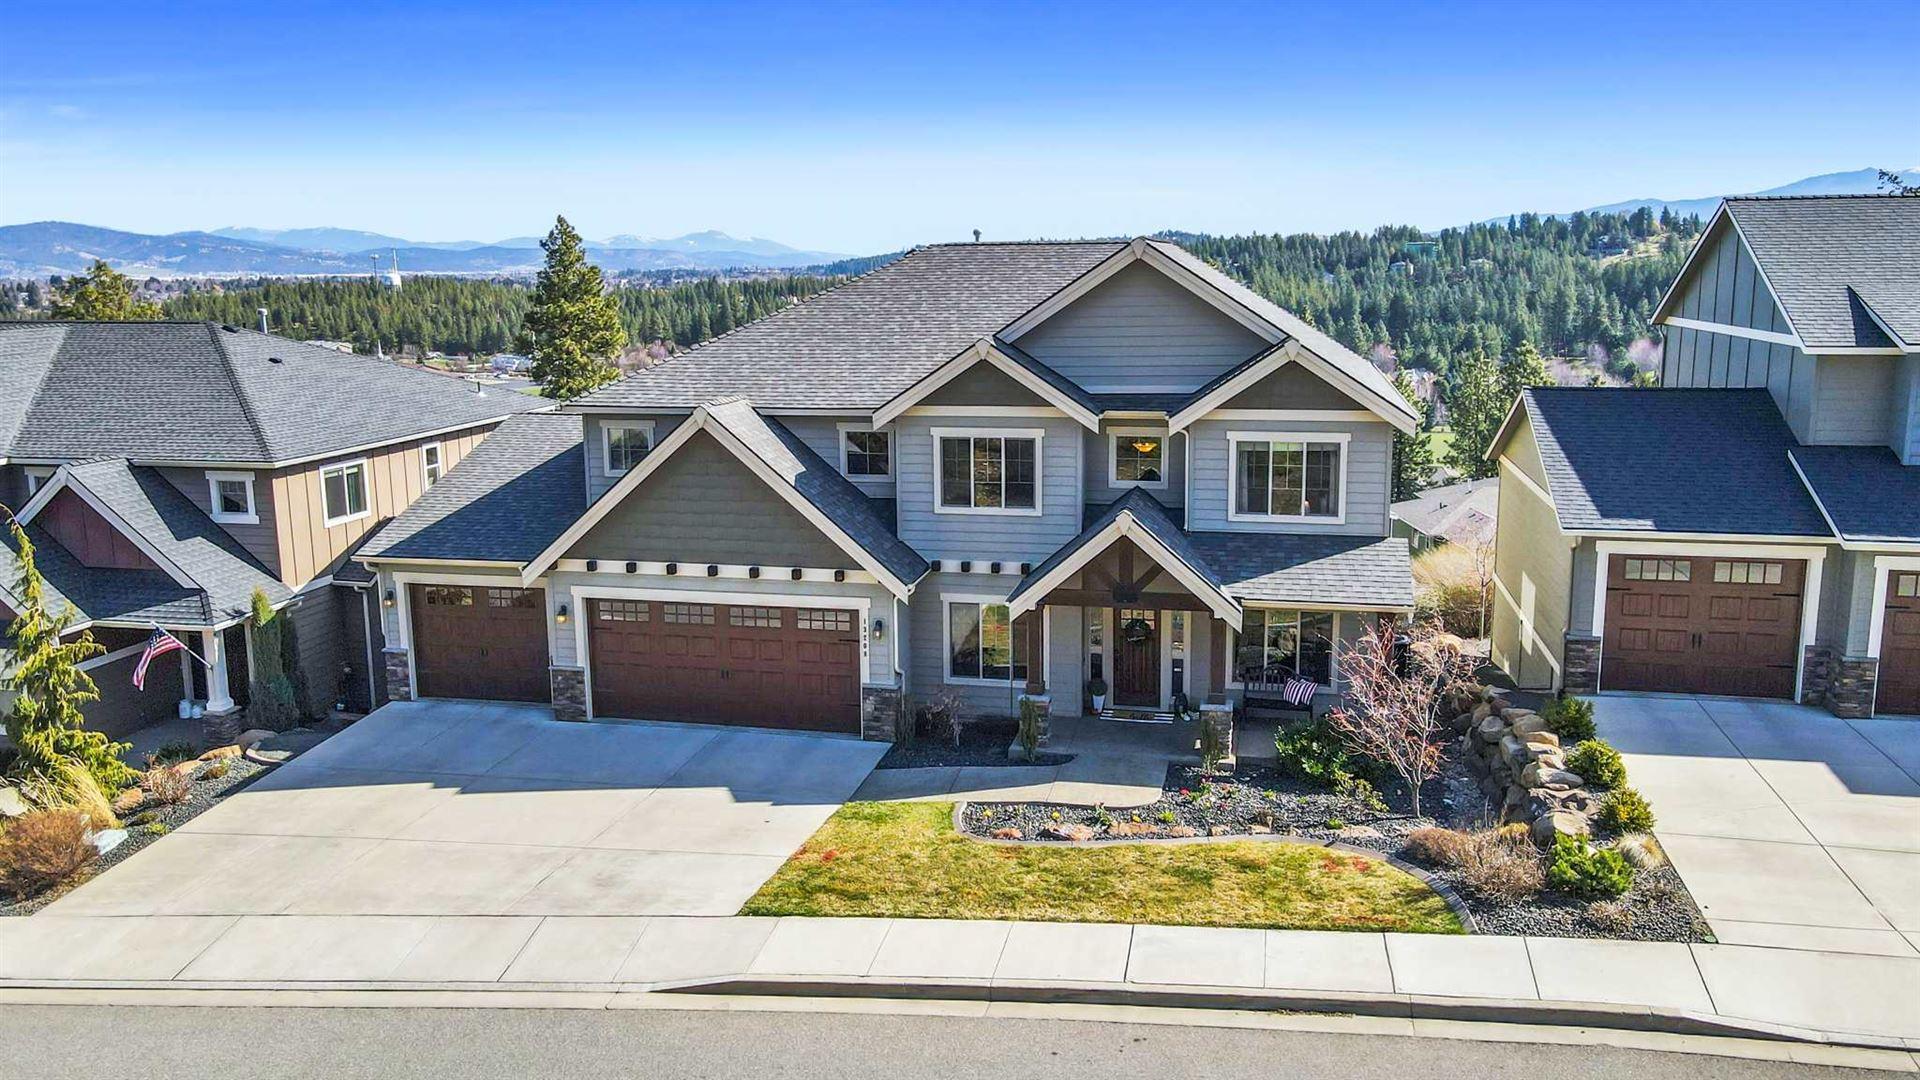 13208 E San Juan Ln, Spokane Valley, WA 99206 - #: 202113729